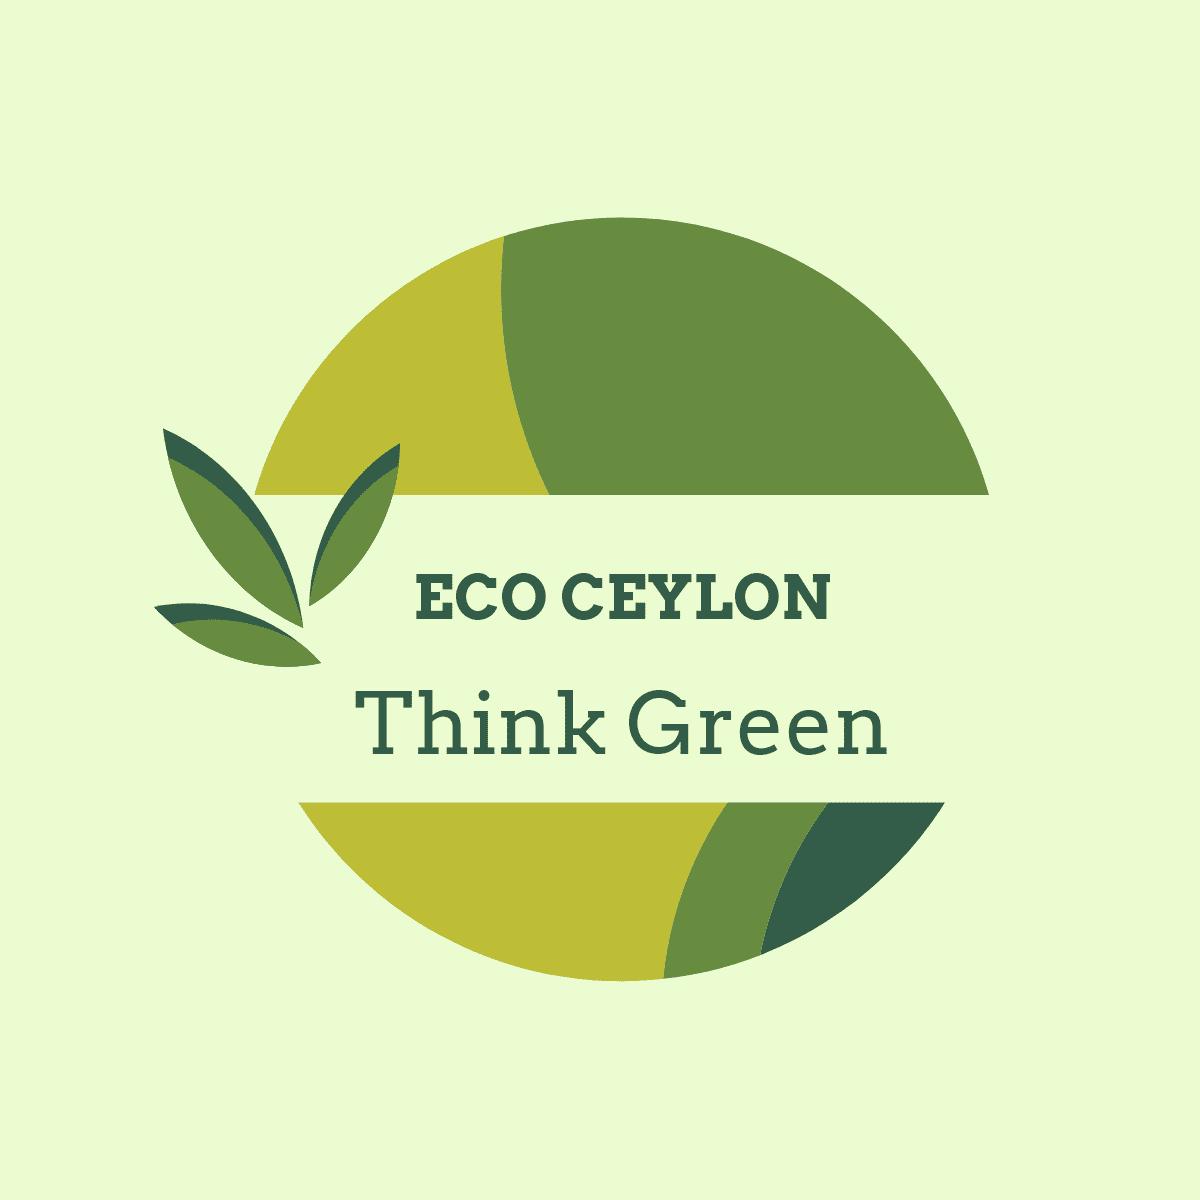 Eco Ceylon Trading